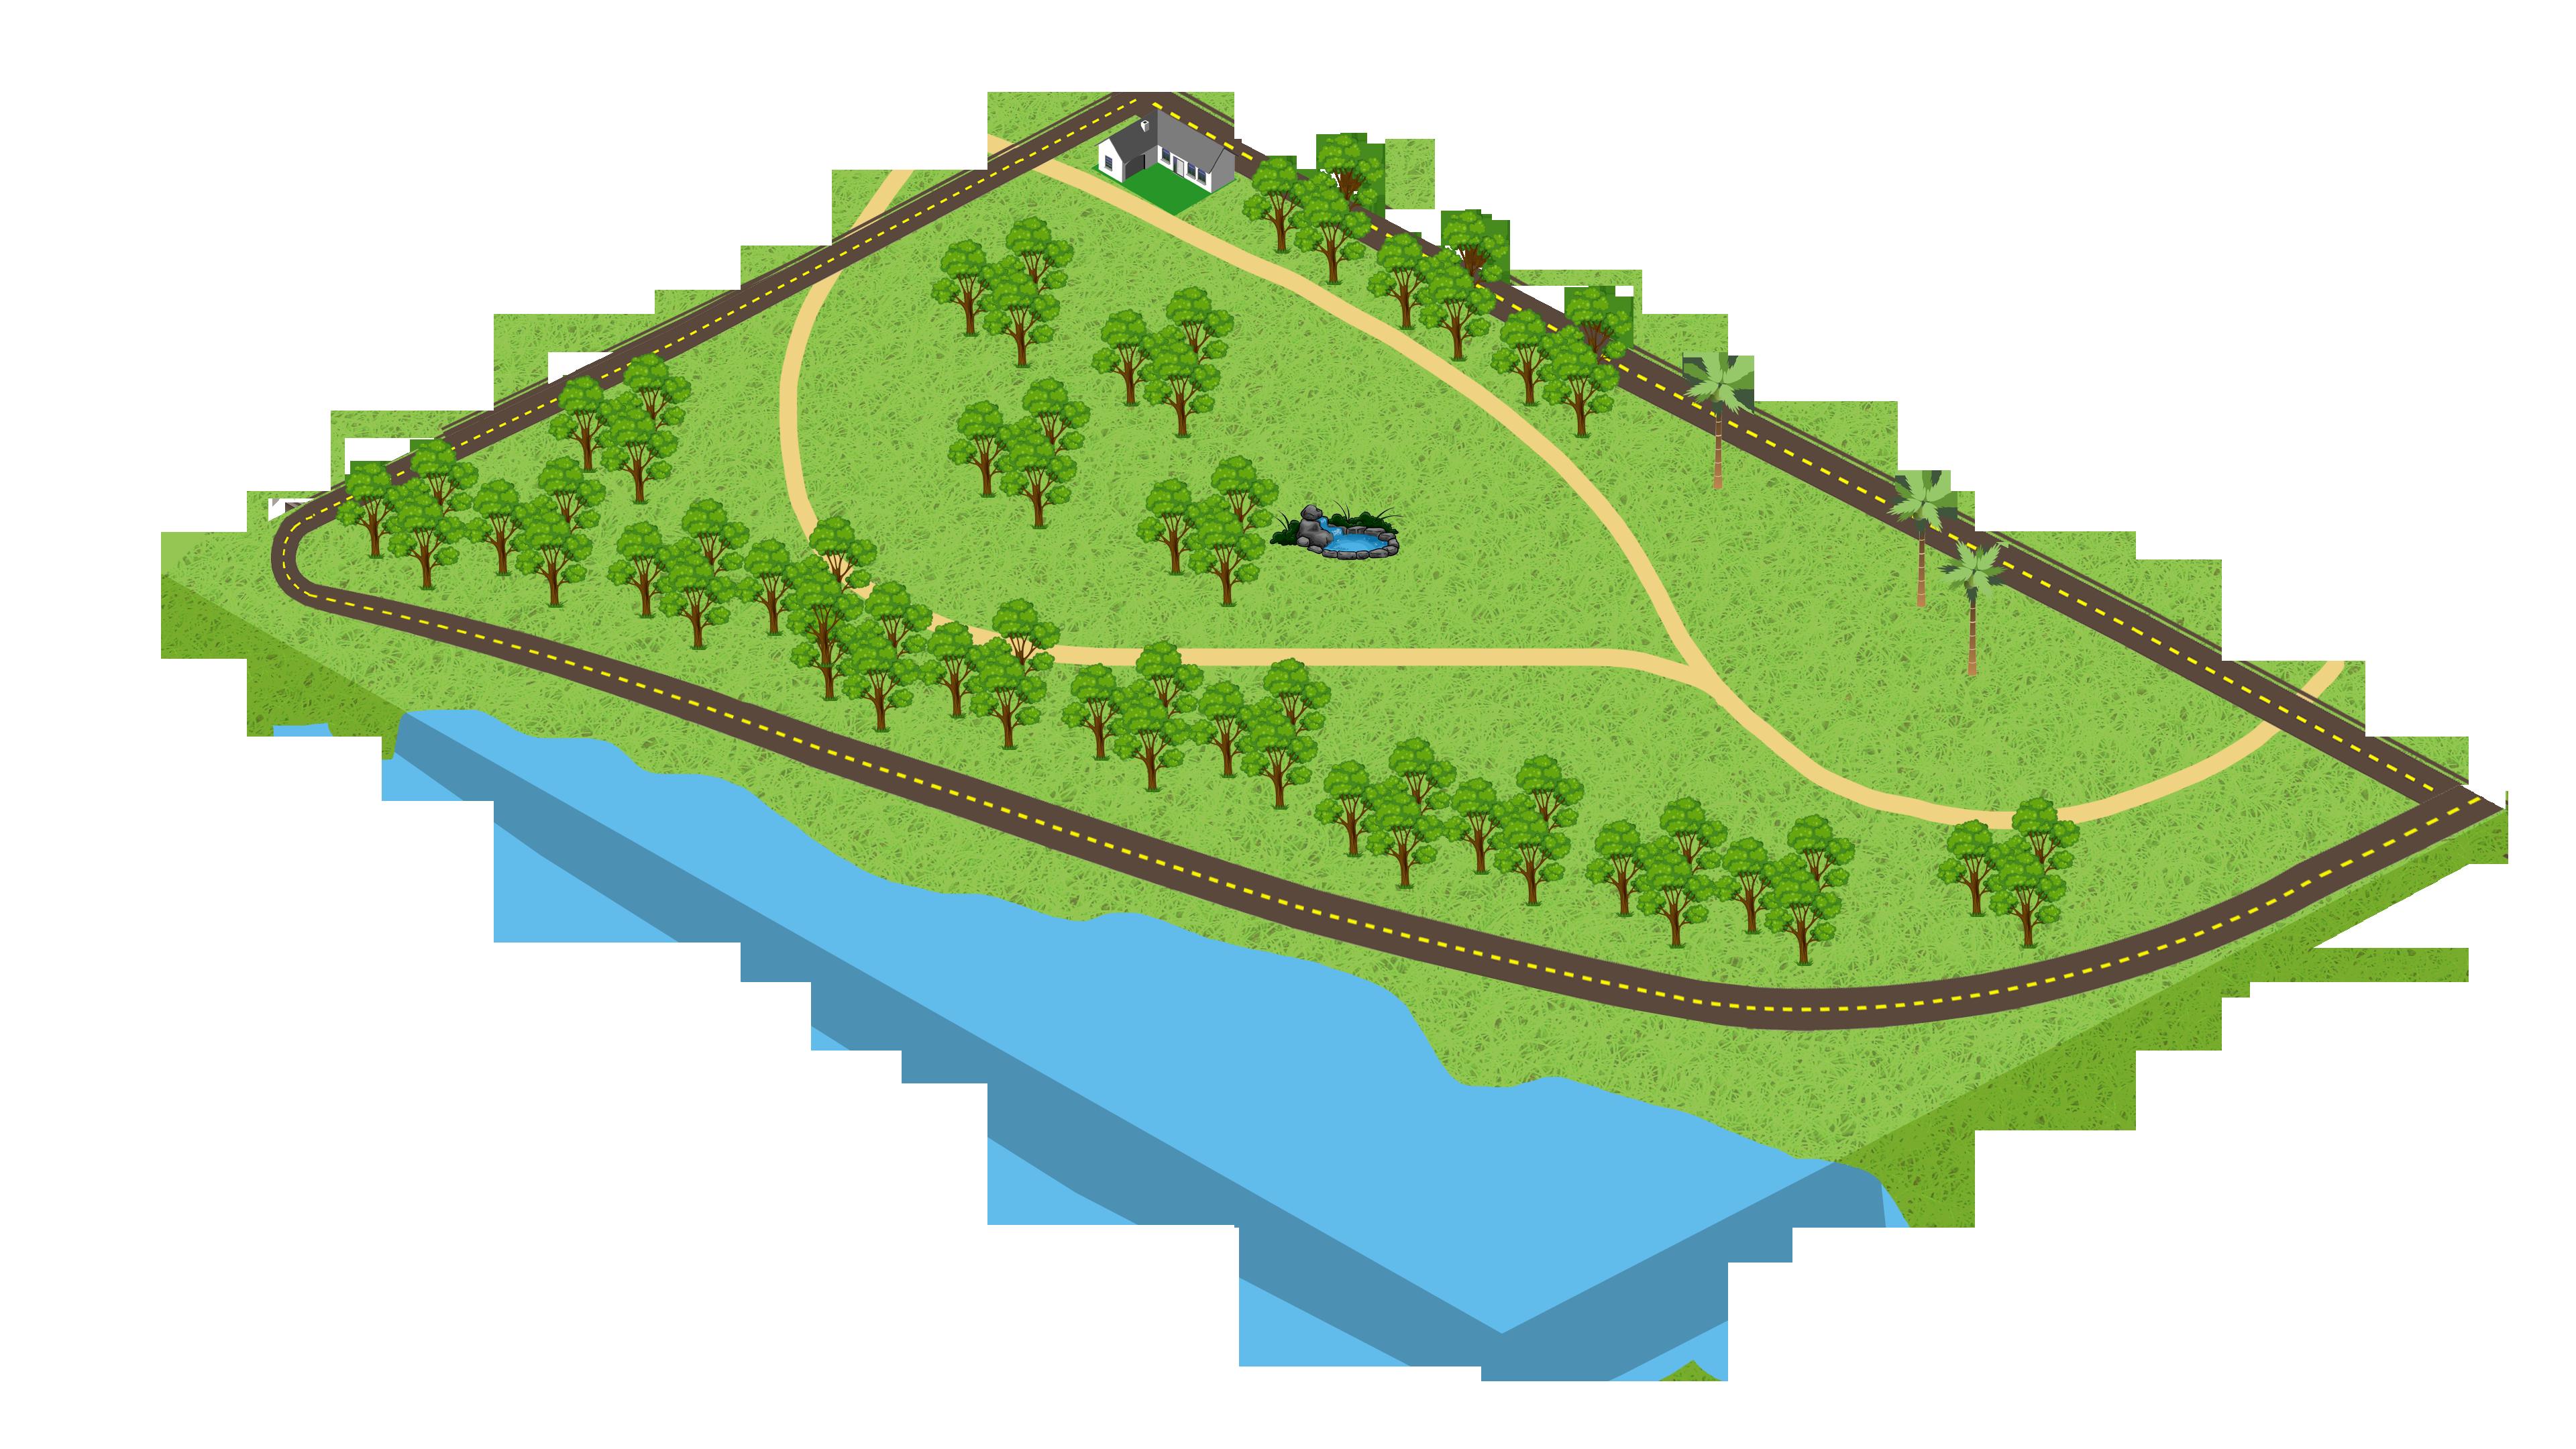 isometric park 3840x2160 - Free image bank